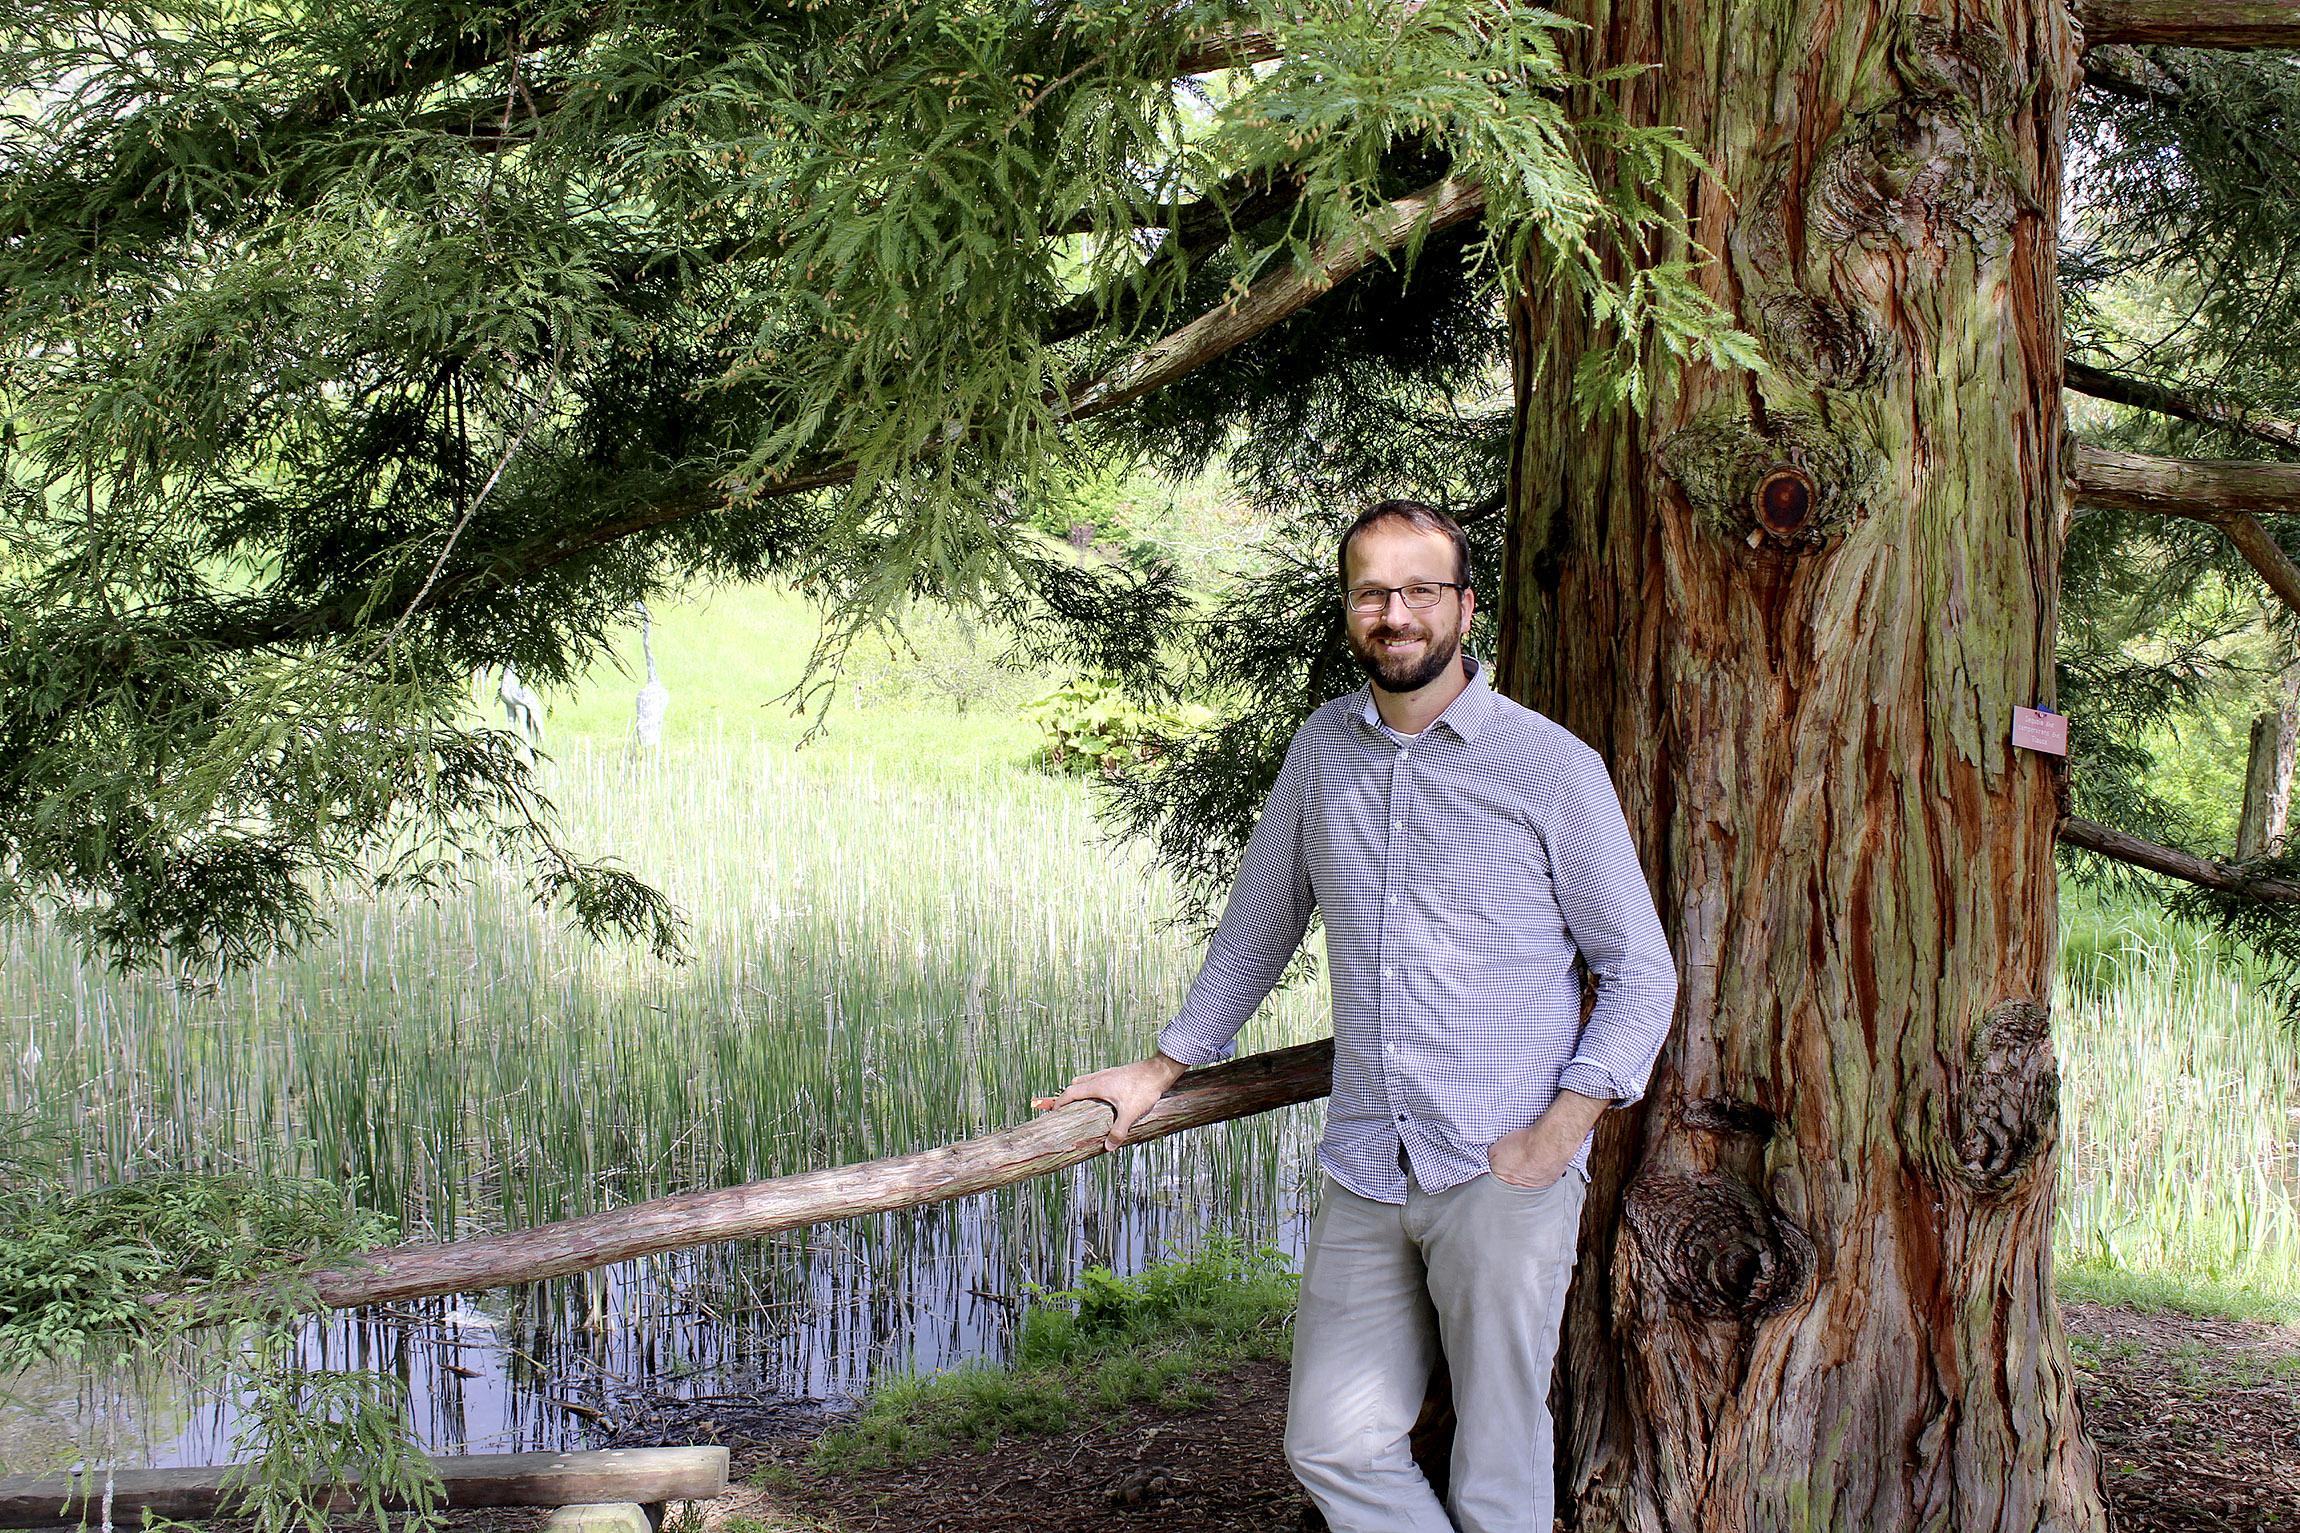 L'Arboretum prêt à ouvrir ses portes